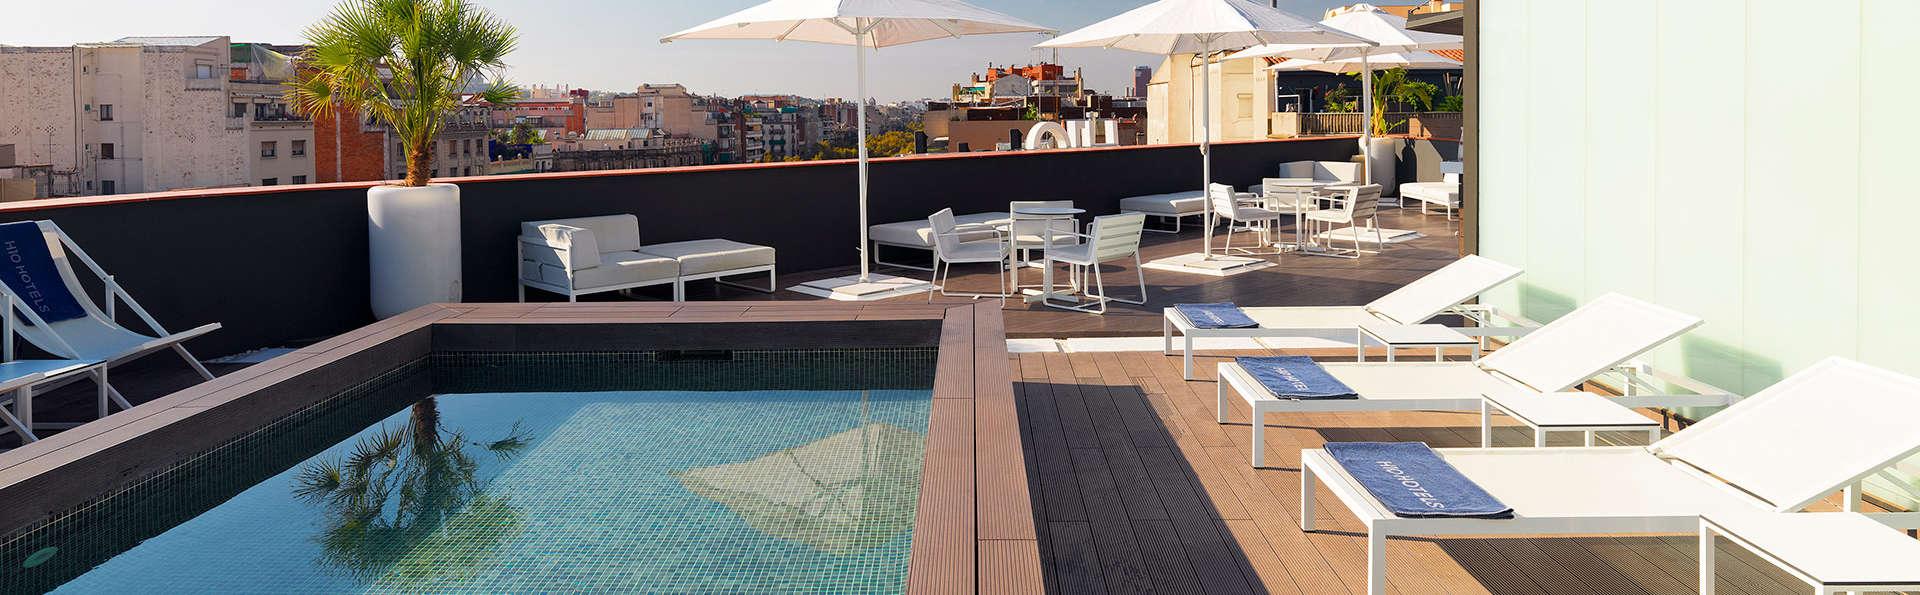 L'été à Barcelone : Terrasse fashion avec cocktail au centre de la ville